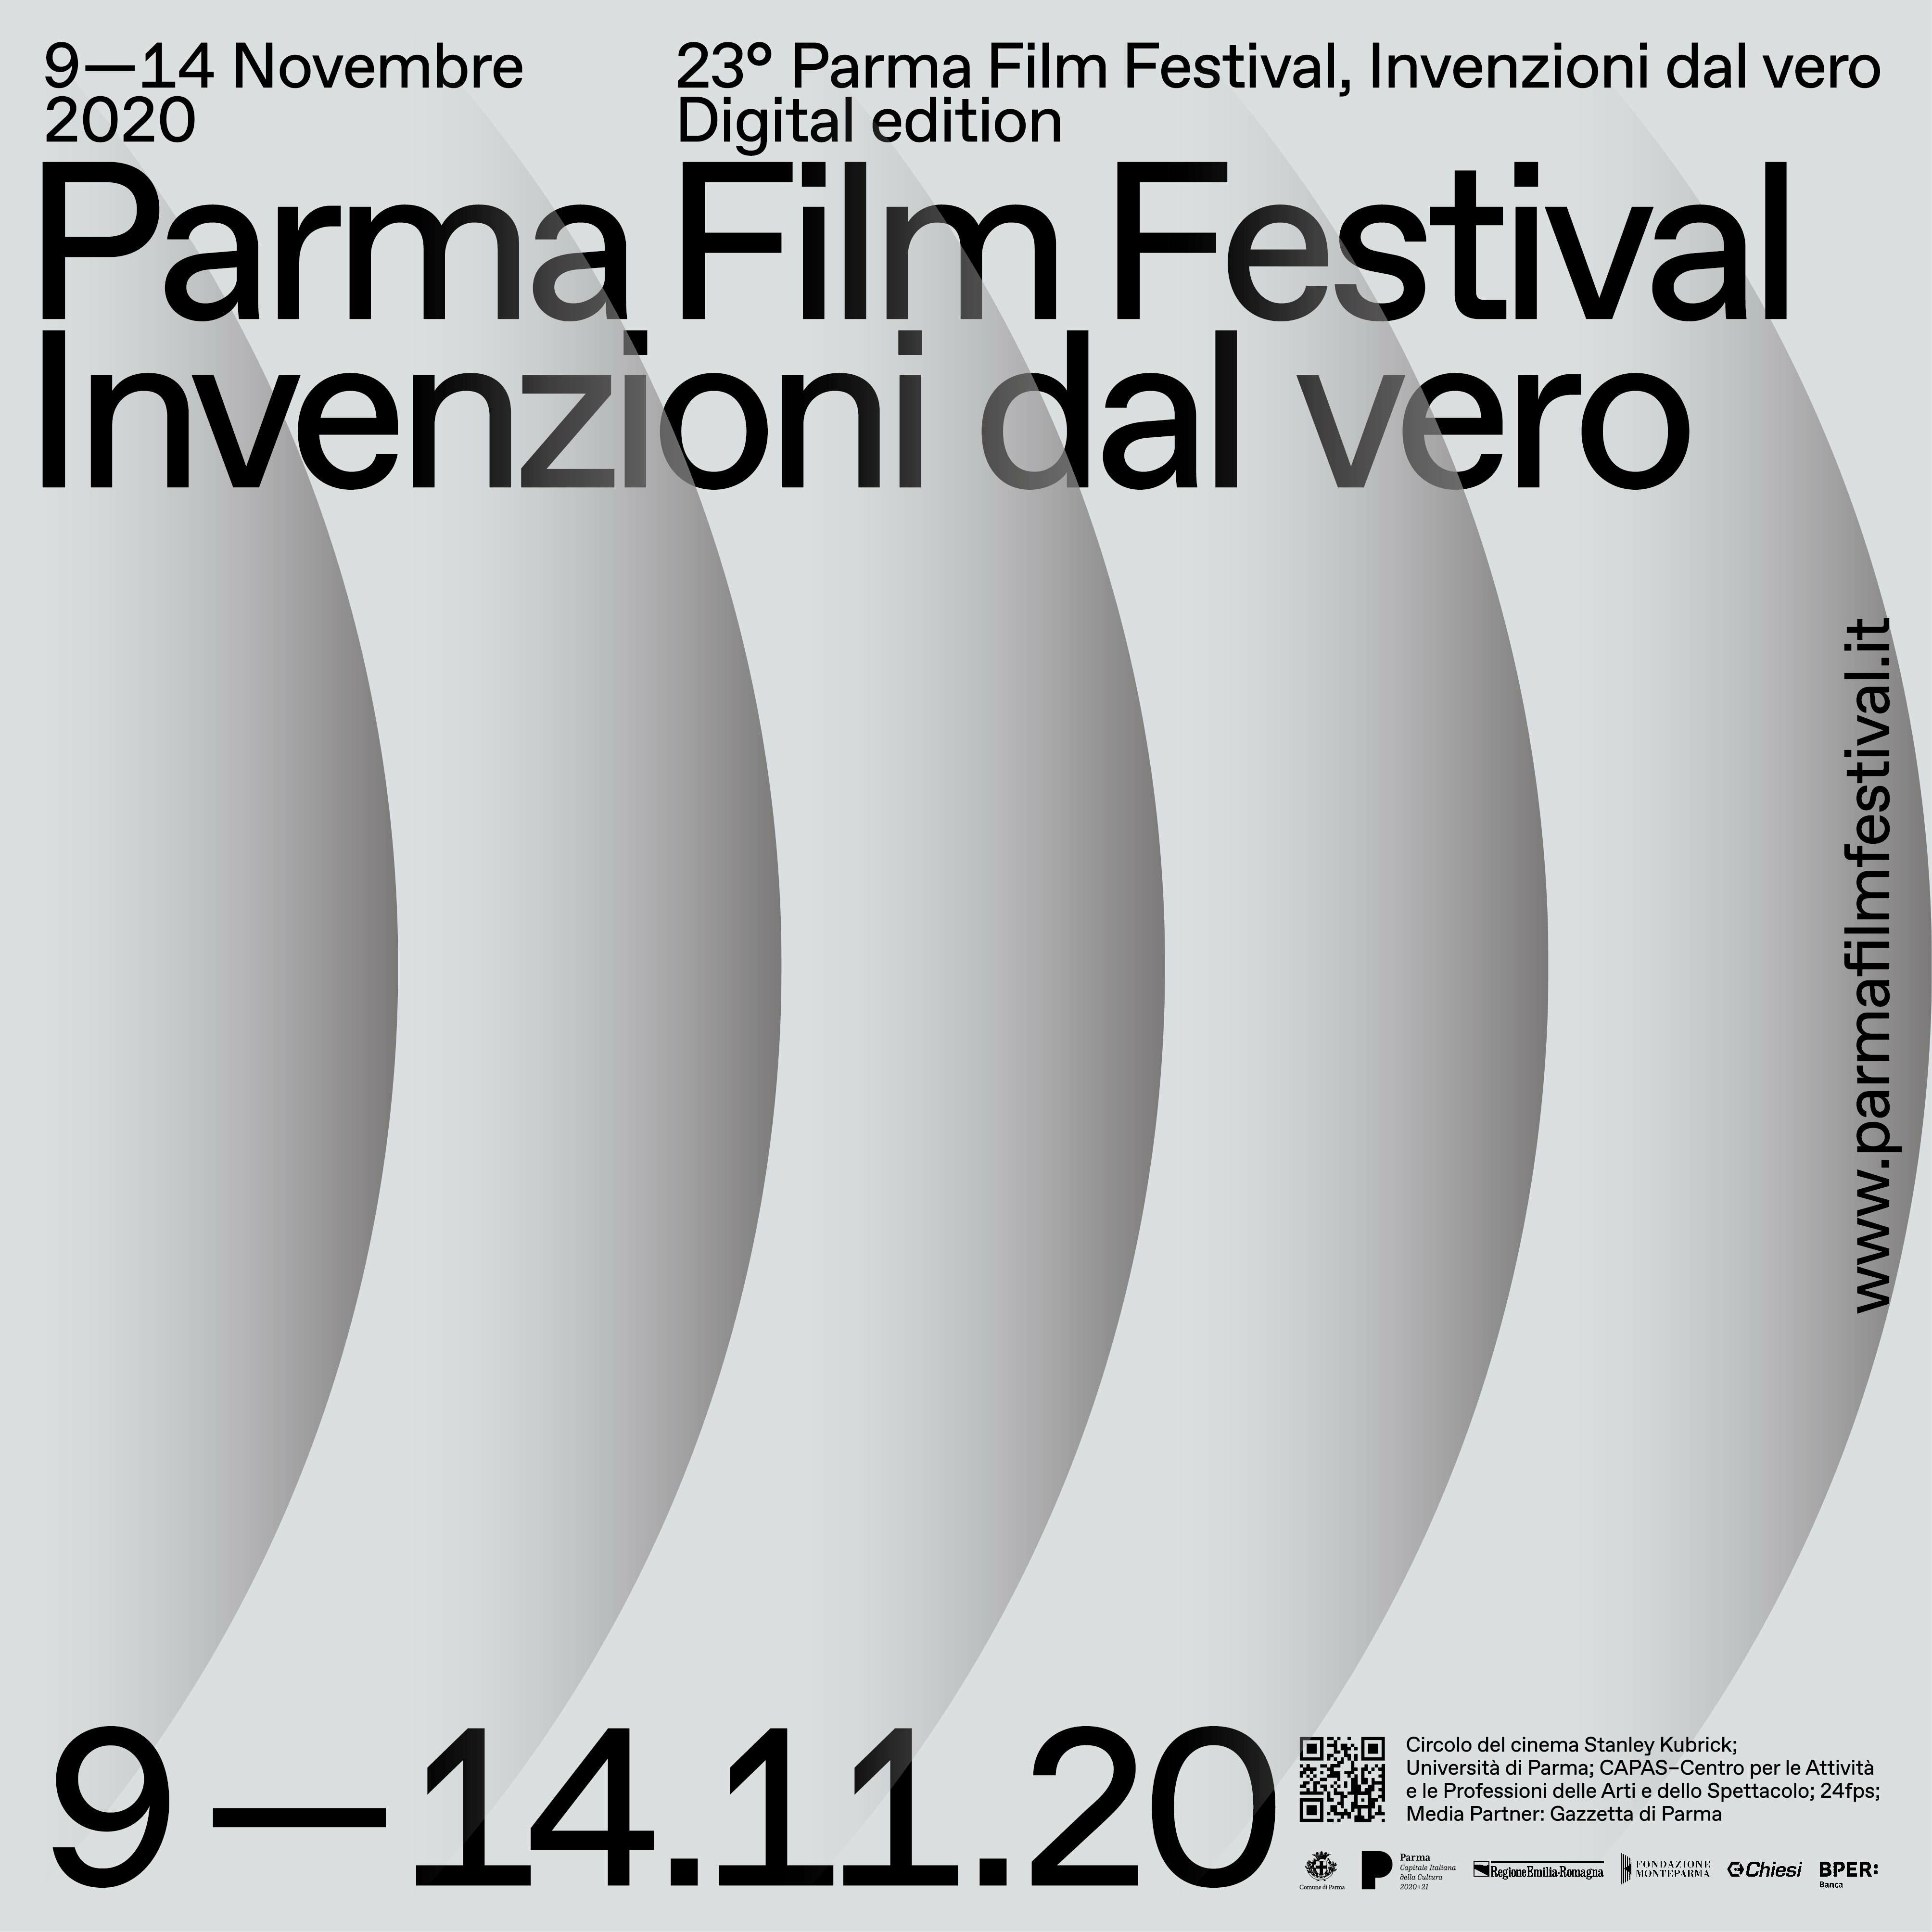 Parma Film Festival – Invenzioni dal Vero 2020 Digital Edition